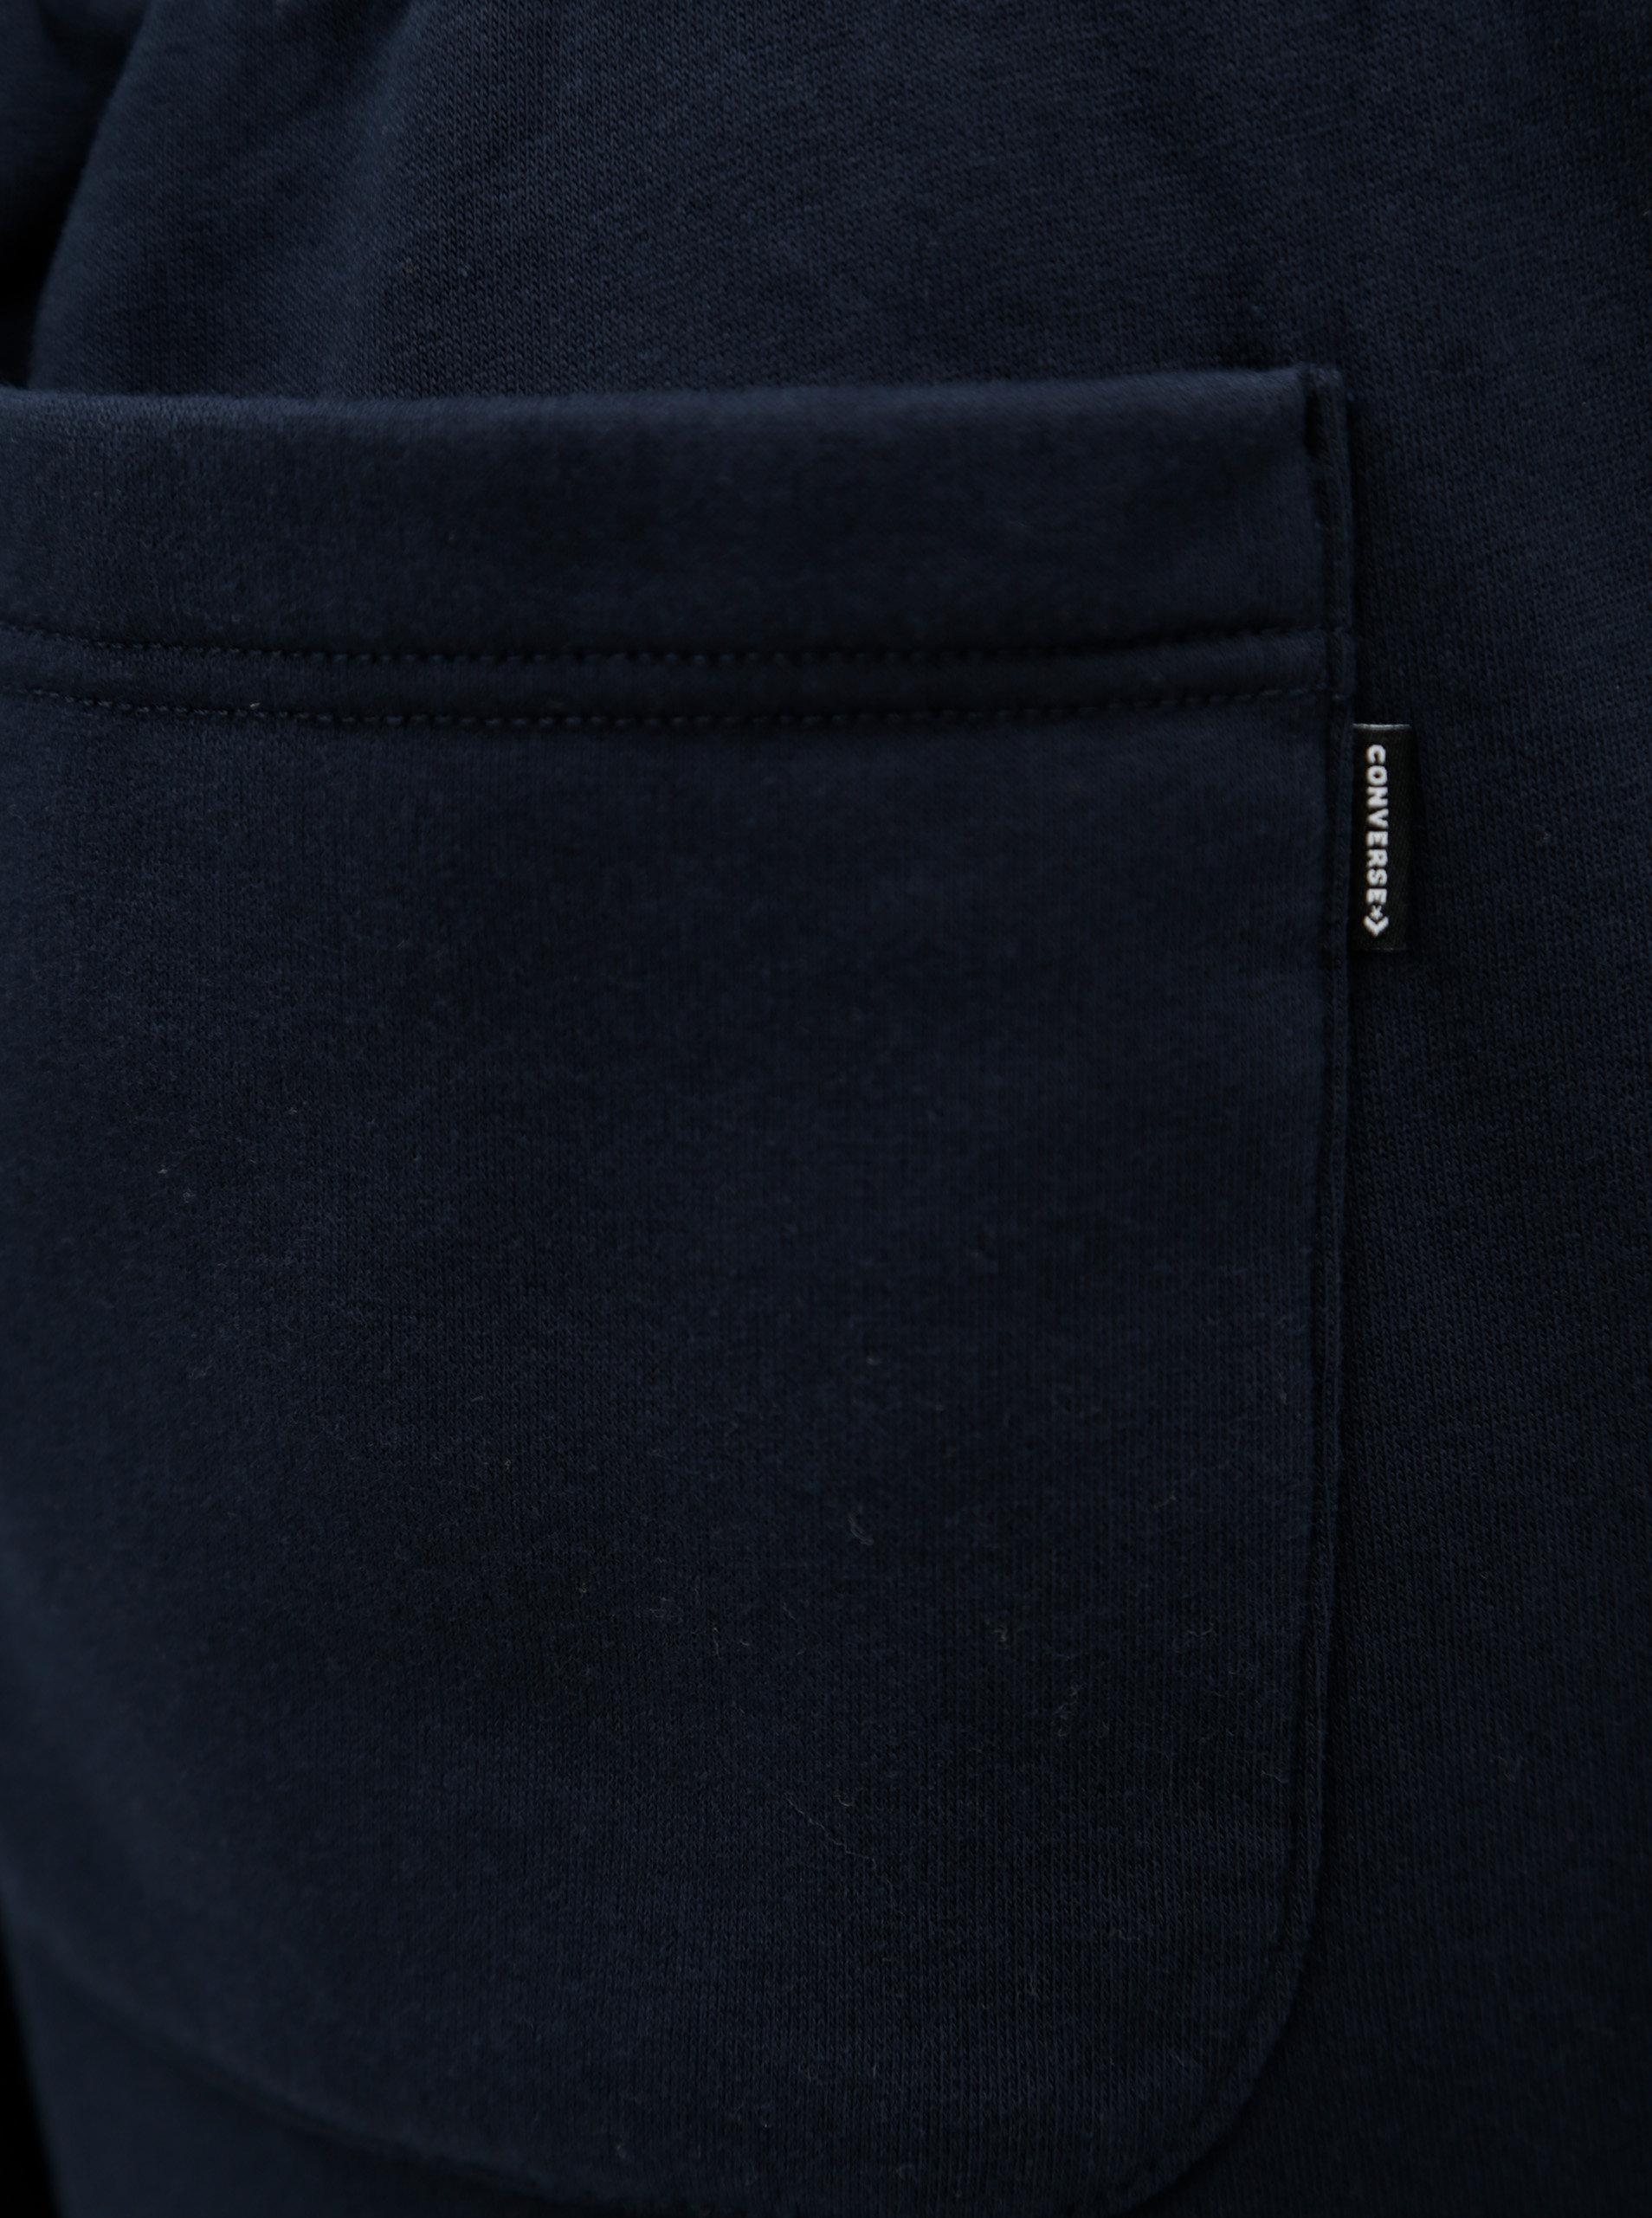 2f10409d613 Tmavě modré pánské tepláky s kapsami Converse Core Jogger ...